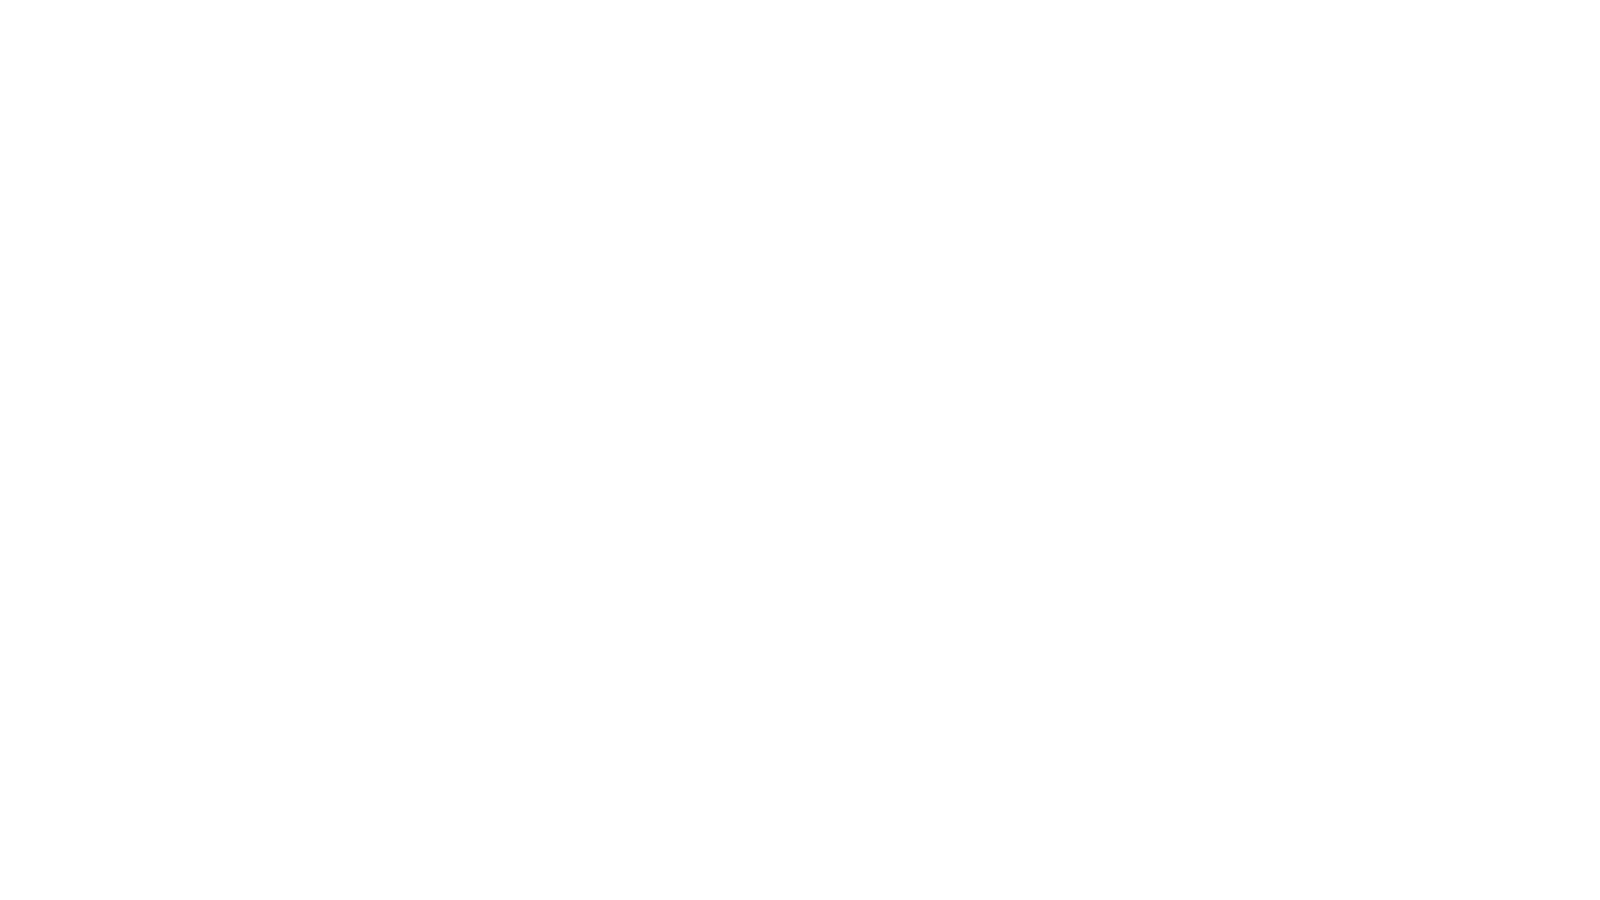 Webinar Nro 70 de la comunidad Latino .NET Online realizado el sábado 16 de octubre del 2021  🎤Speakers: César Gutiérrez  📚Tema: La charla dará una explicación con los aspectos más relevantes de la evolución que han tenido los servicios web en .NET, desde SOAP hasta REST, con la finalildad de presentar de una manera resumida, los cambios a los que los desarrolladores y los proyectos, se han enfrentado.  Suscríbete! :)  Like y comparte! :)  📌 Nuestras Redes Sociales: 📌 🔴 Sitio Web: https://latinonet.online 🔴 Twitter: https://twitter.com/LatinoNETOnline 🔴 Servidor de Discord: https://go.latinonet.online/discord 🔴 Grupo de Telegram: https://go.latinonet.online/telegram